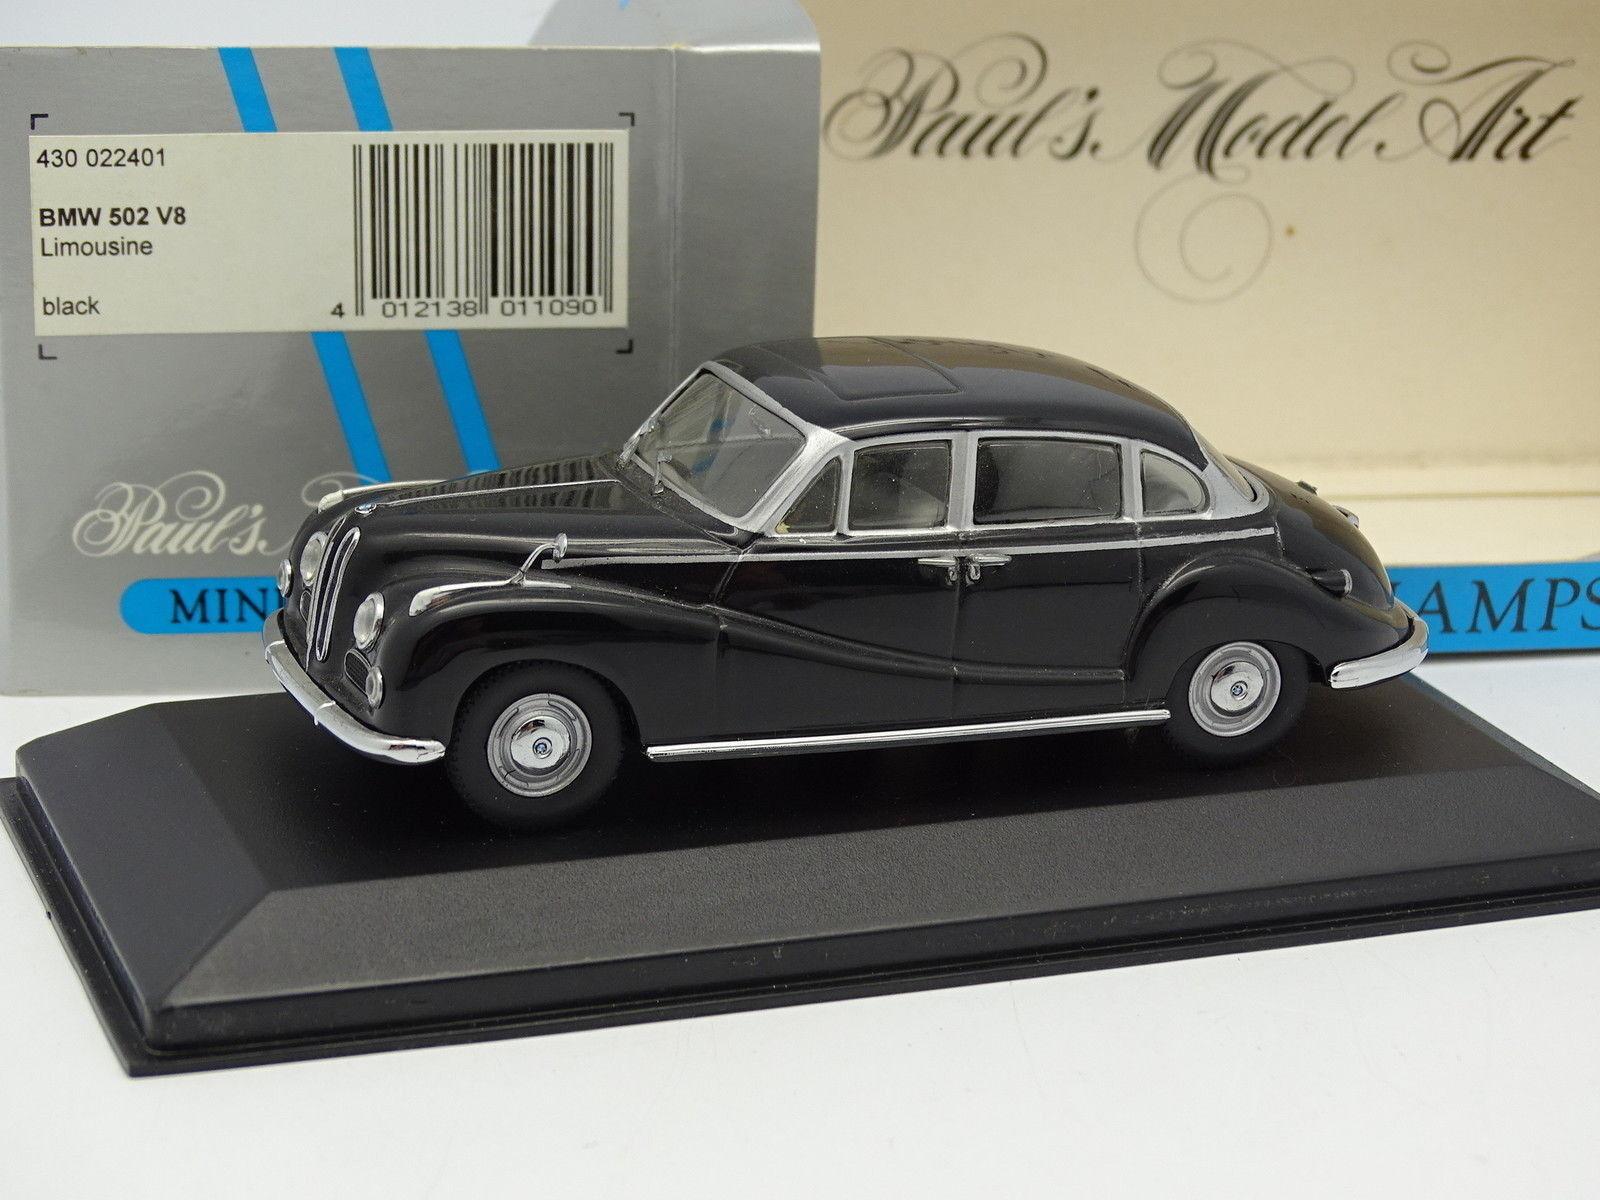 Minichamps 1 43 - BMW 502 V8 Noire